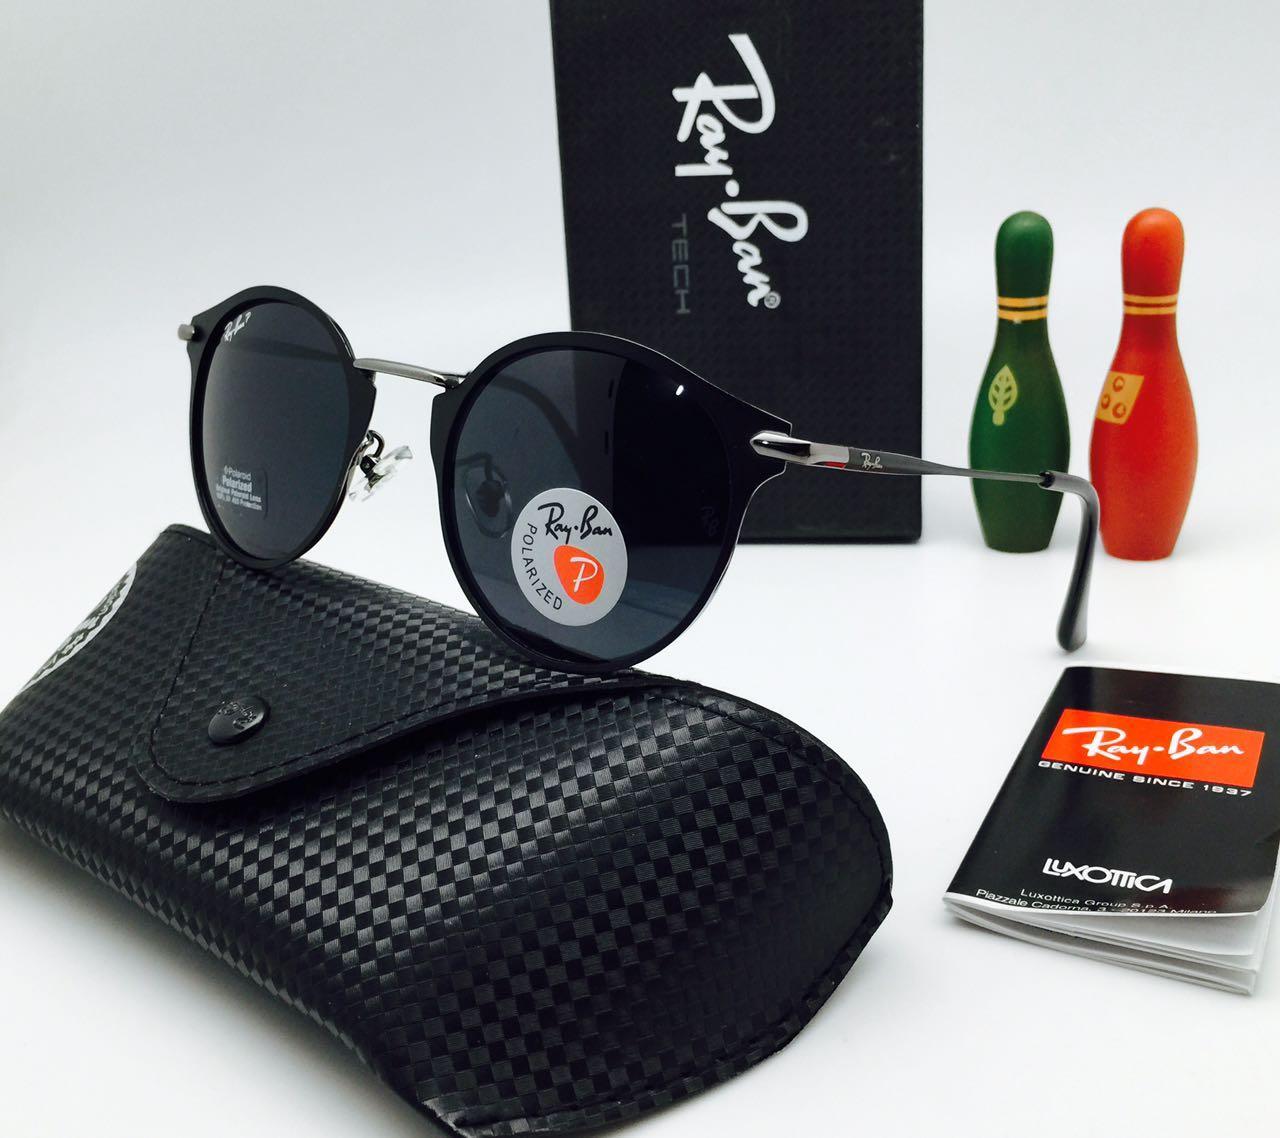 cefe6a759ad68 coupon code for detail gambar termurah kacamata rayban 4601 kacamata  polarized best quality terbaru cfb9e c218f